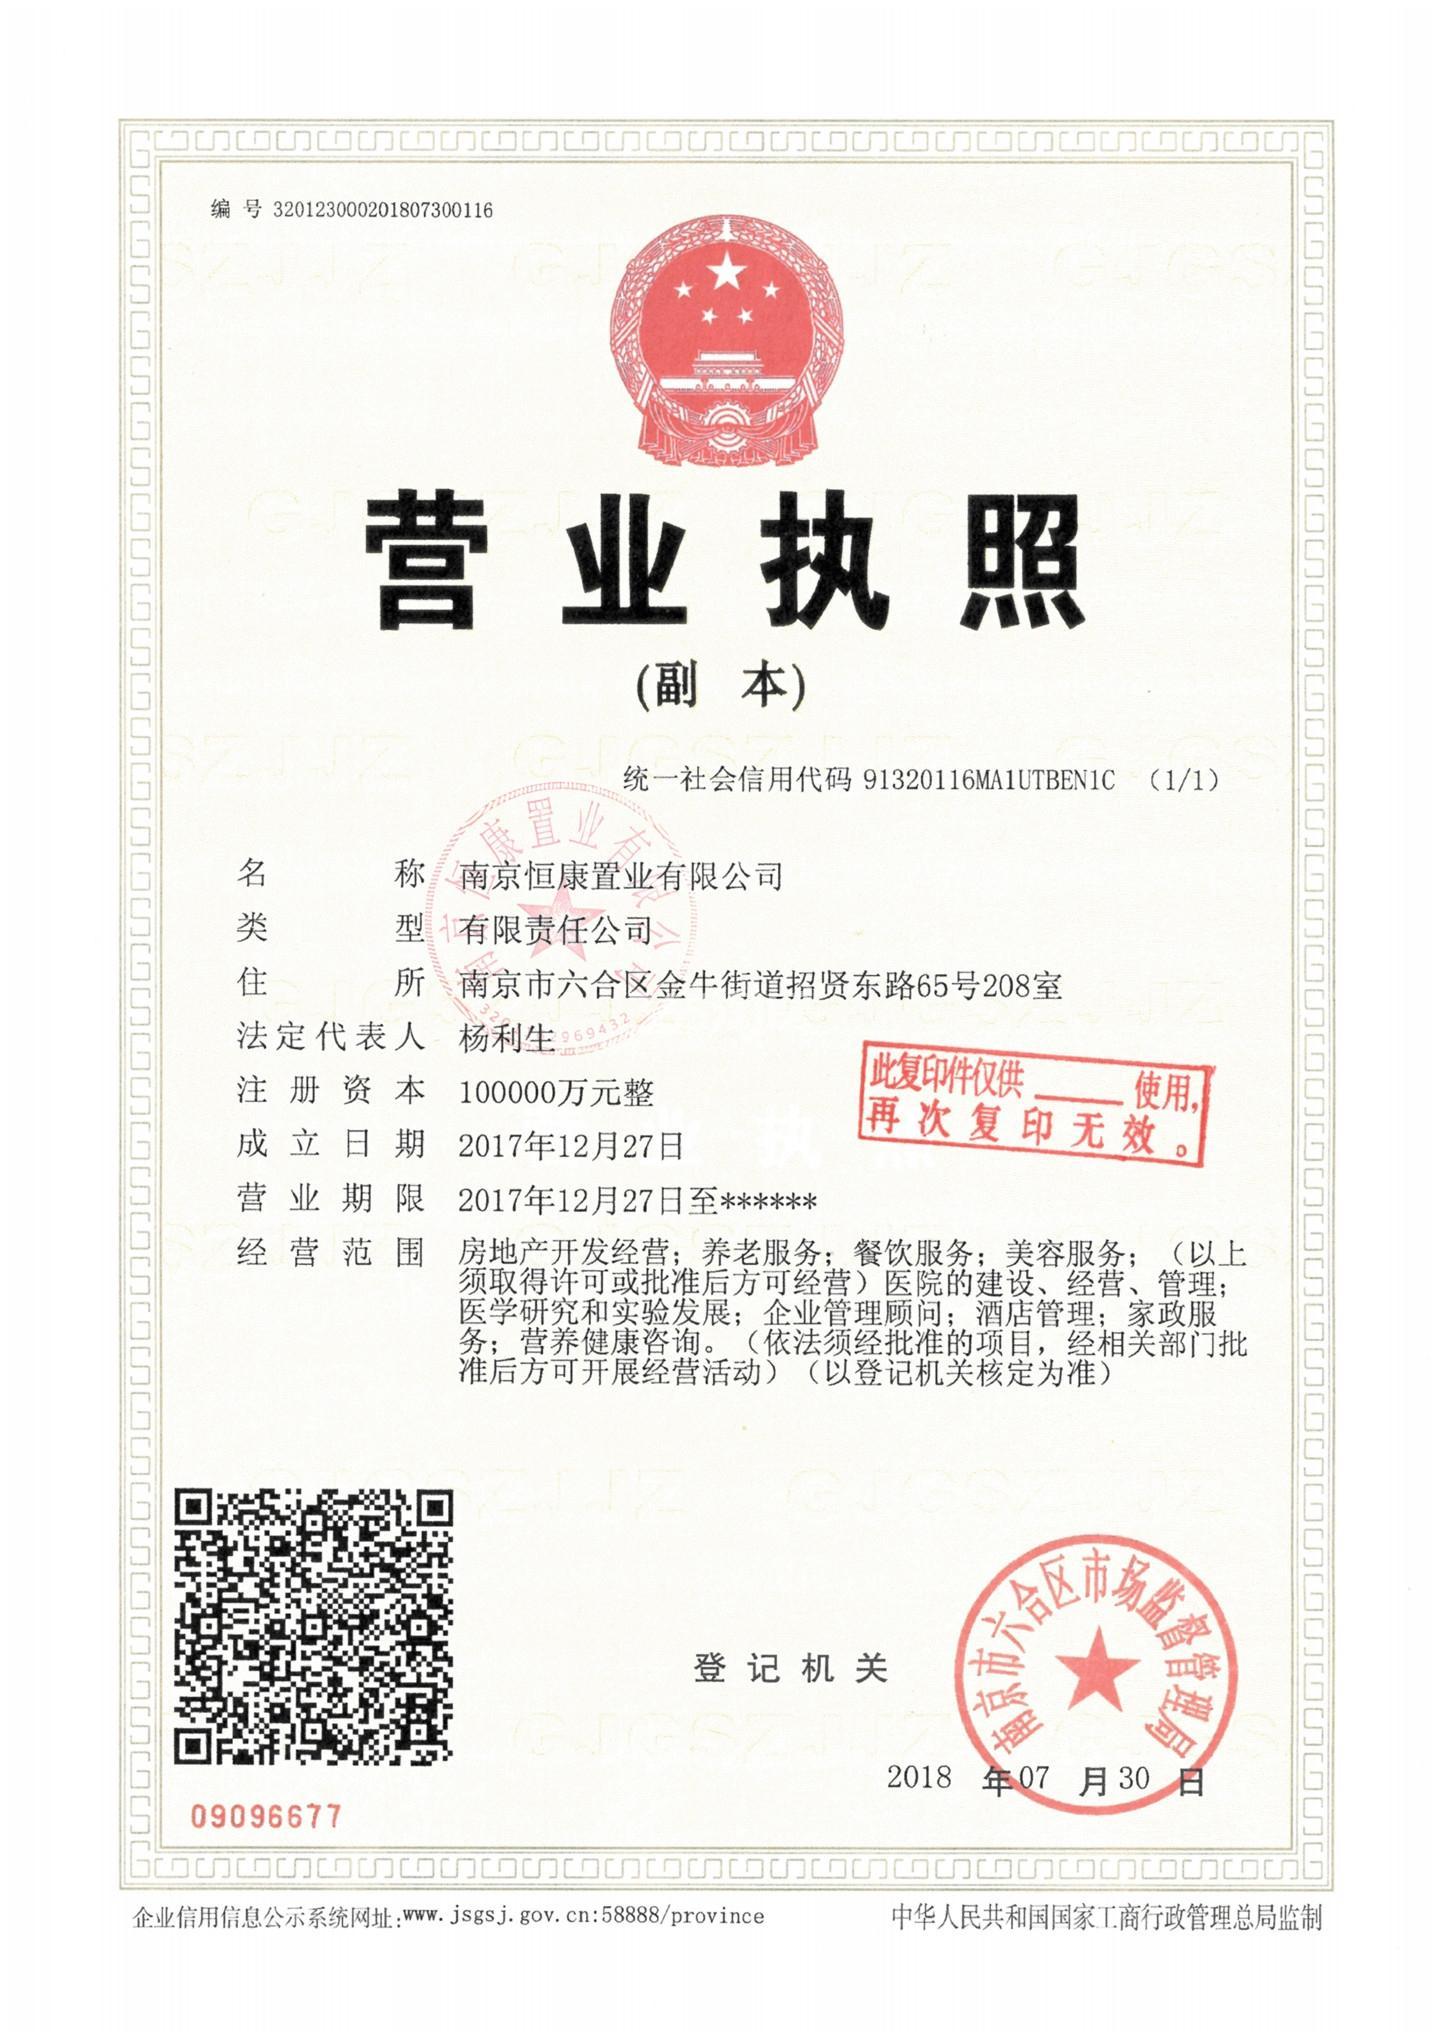 南京恒大养生谷销售证照